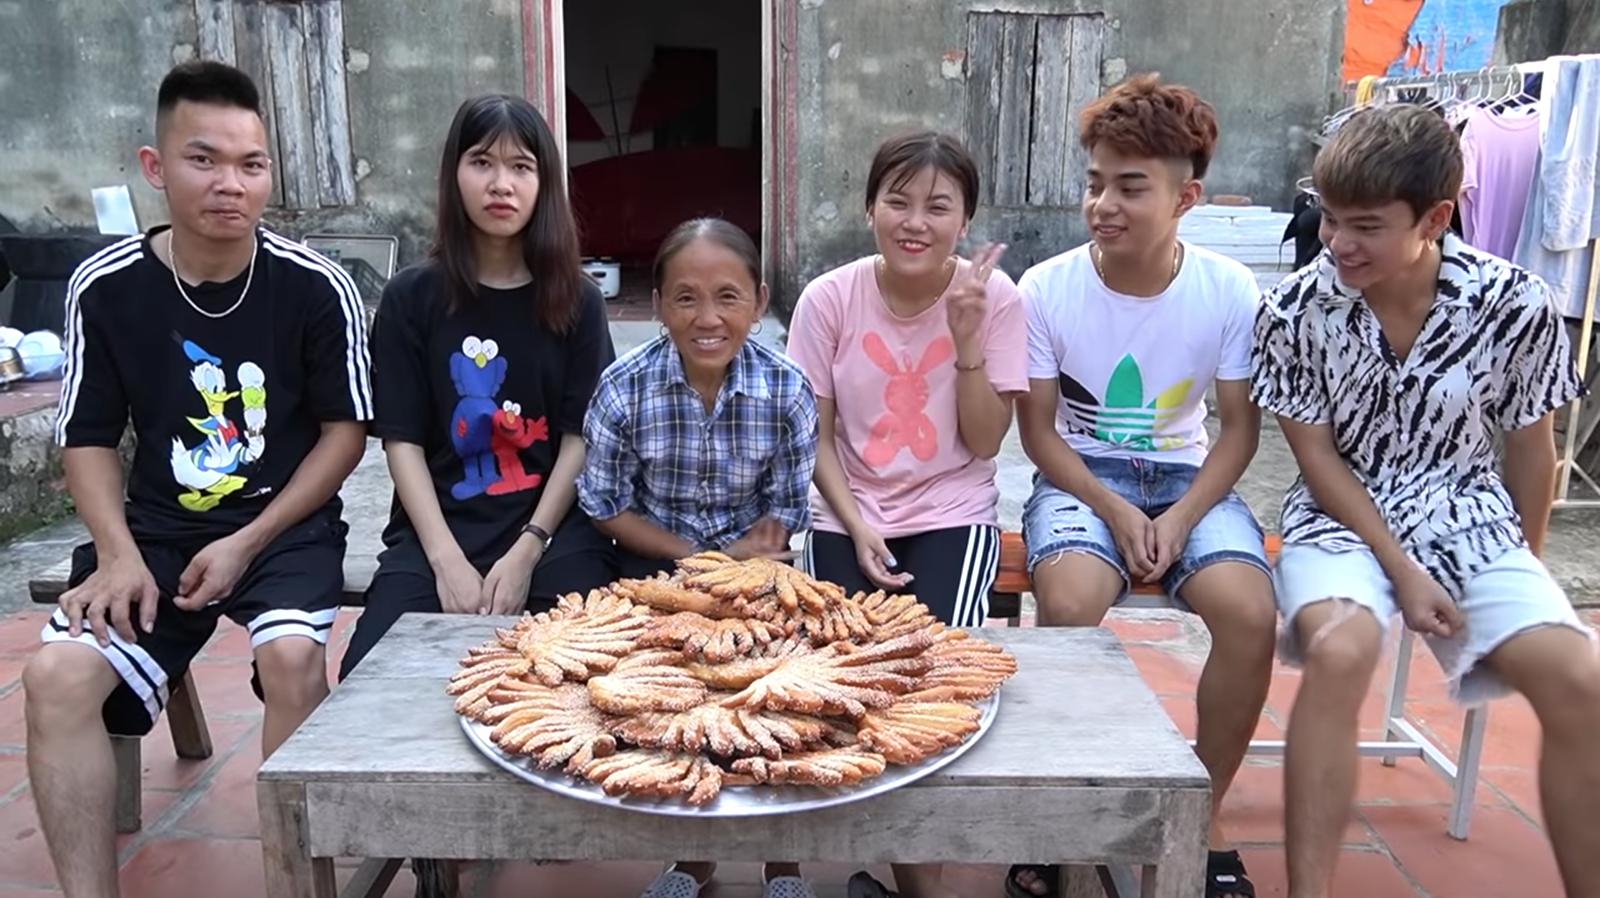 Chưa hết hoảng hồn với món bánh tiêu phiên bản kinh dị của Bà Tân Vlog, dân mạng lại phát hiện thêm sự cố mất vệ sinh - Ảnh 6.